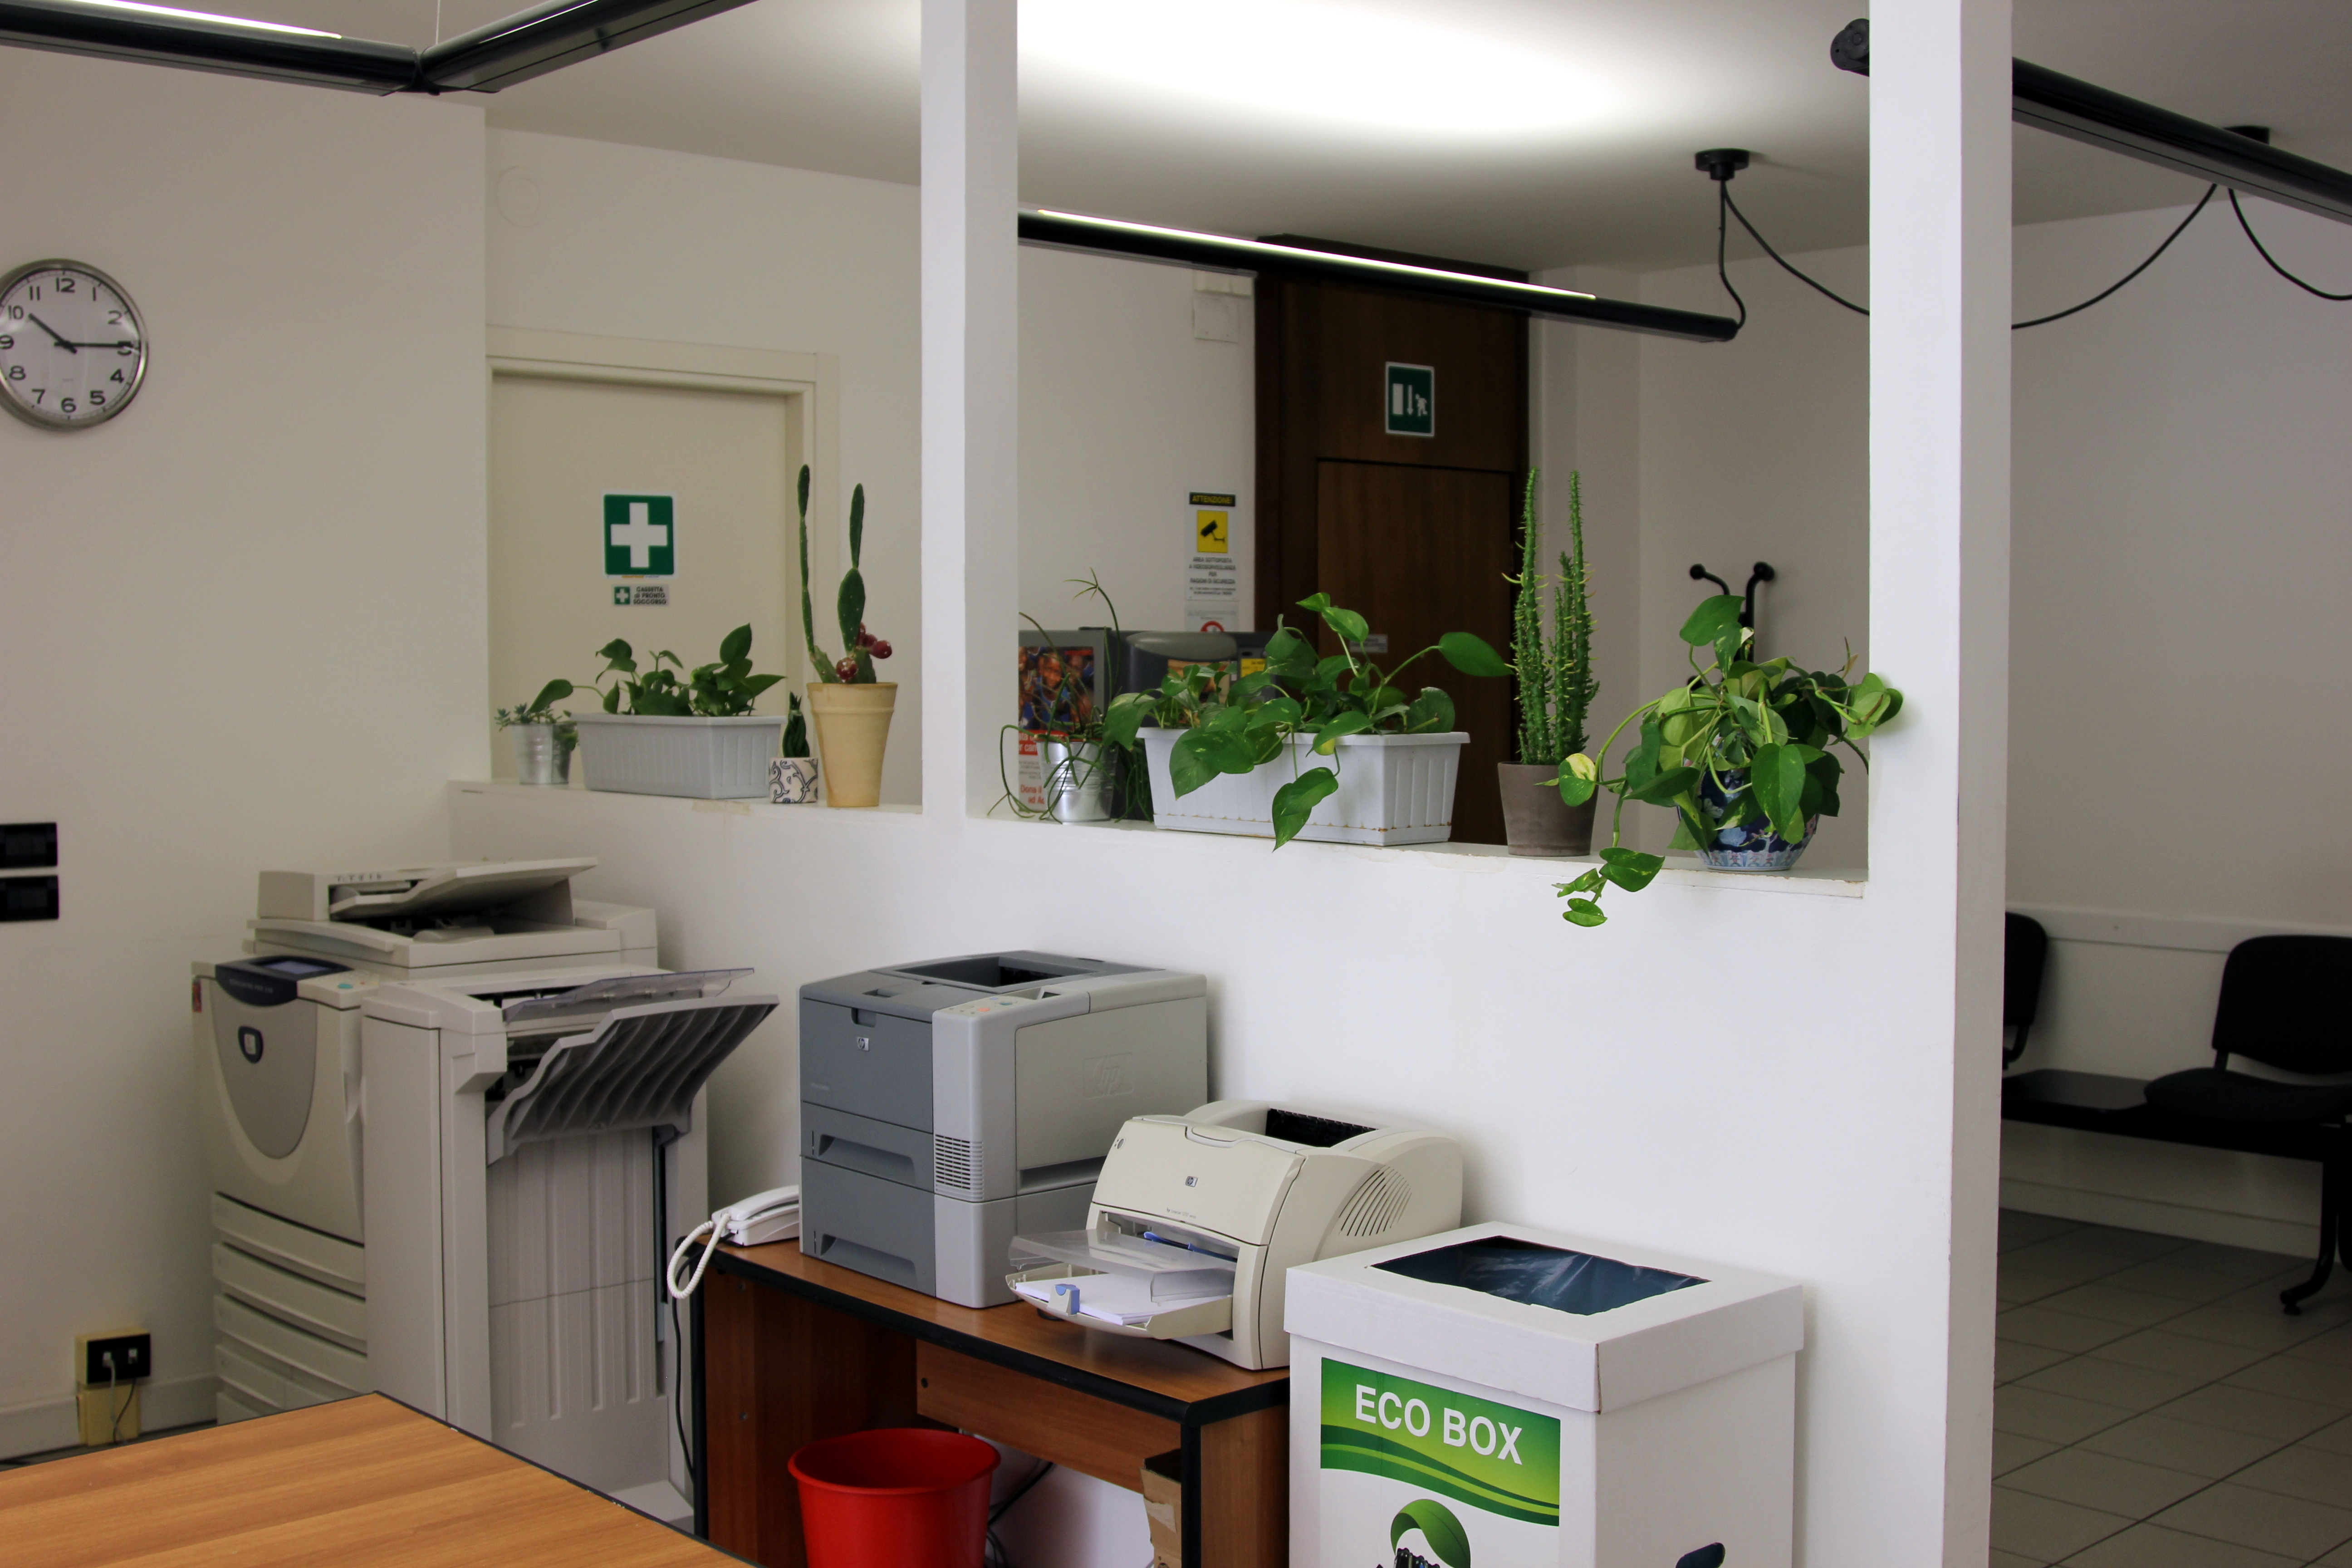 unione centro servizi srl